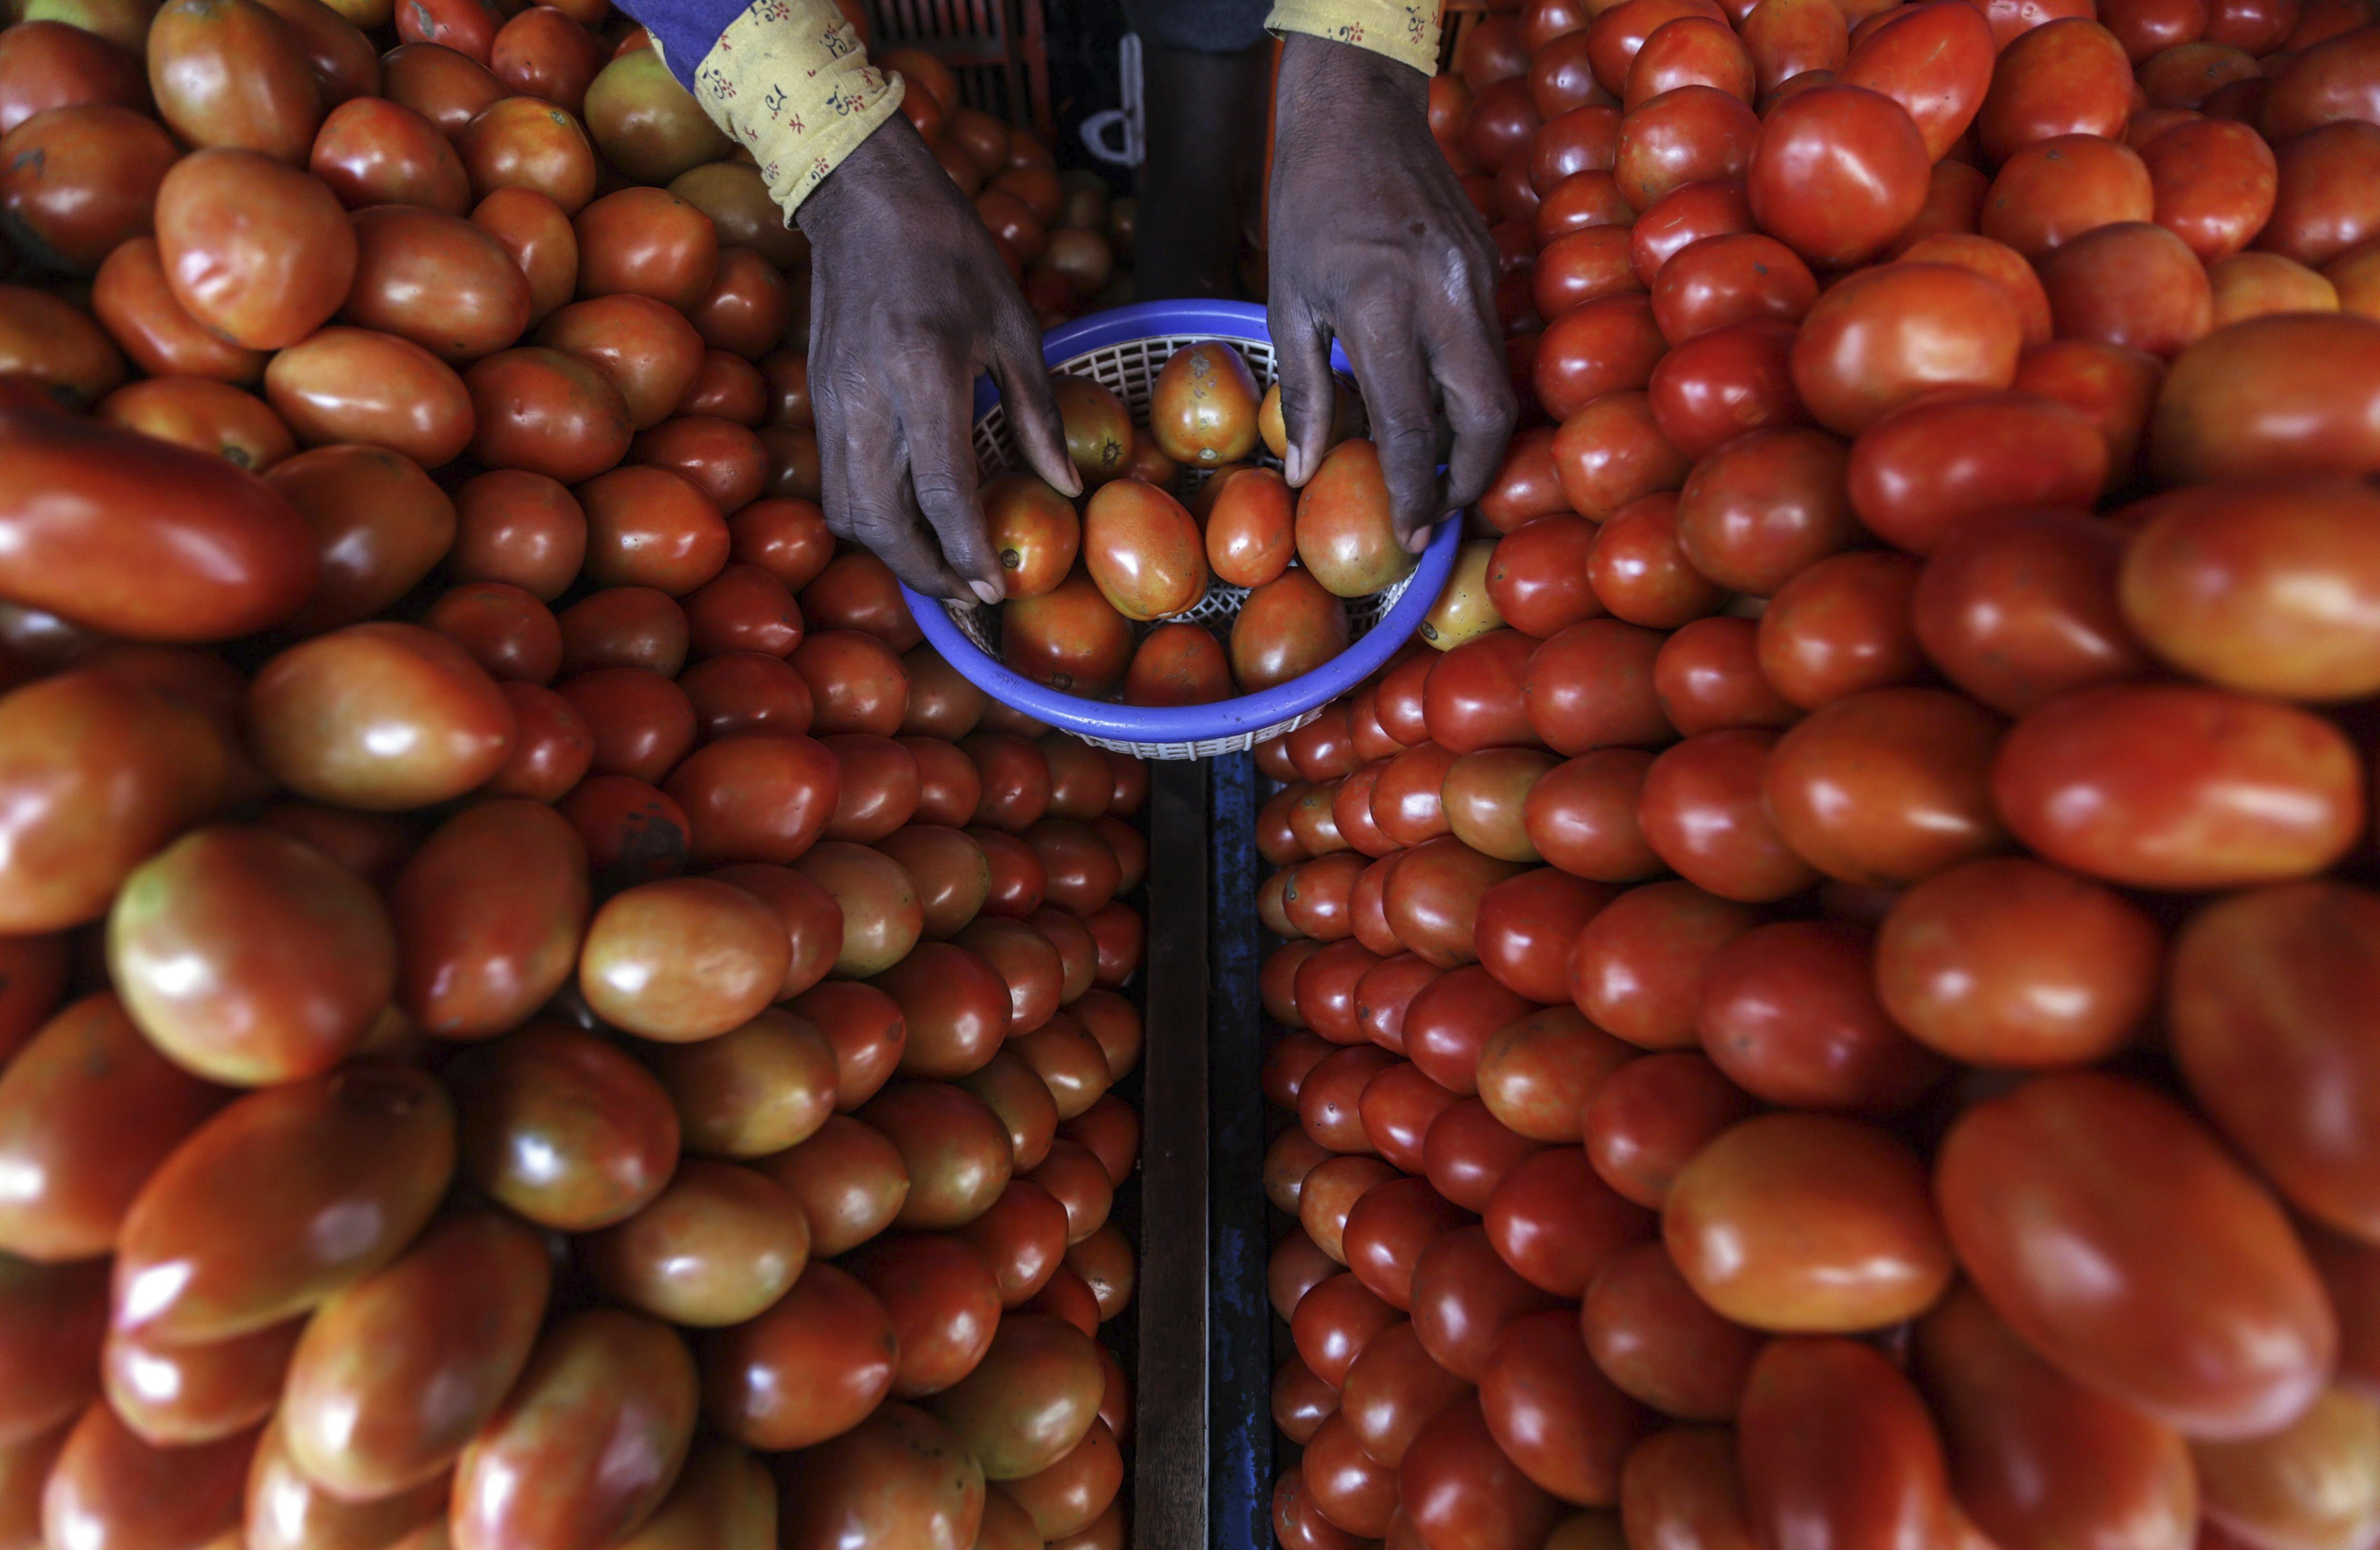 Un venedor col·loca tomàquets en una fruiteria de Mira Road, a Bombai, l'Índia. /DIVYAKANT SOLANKI